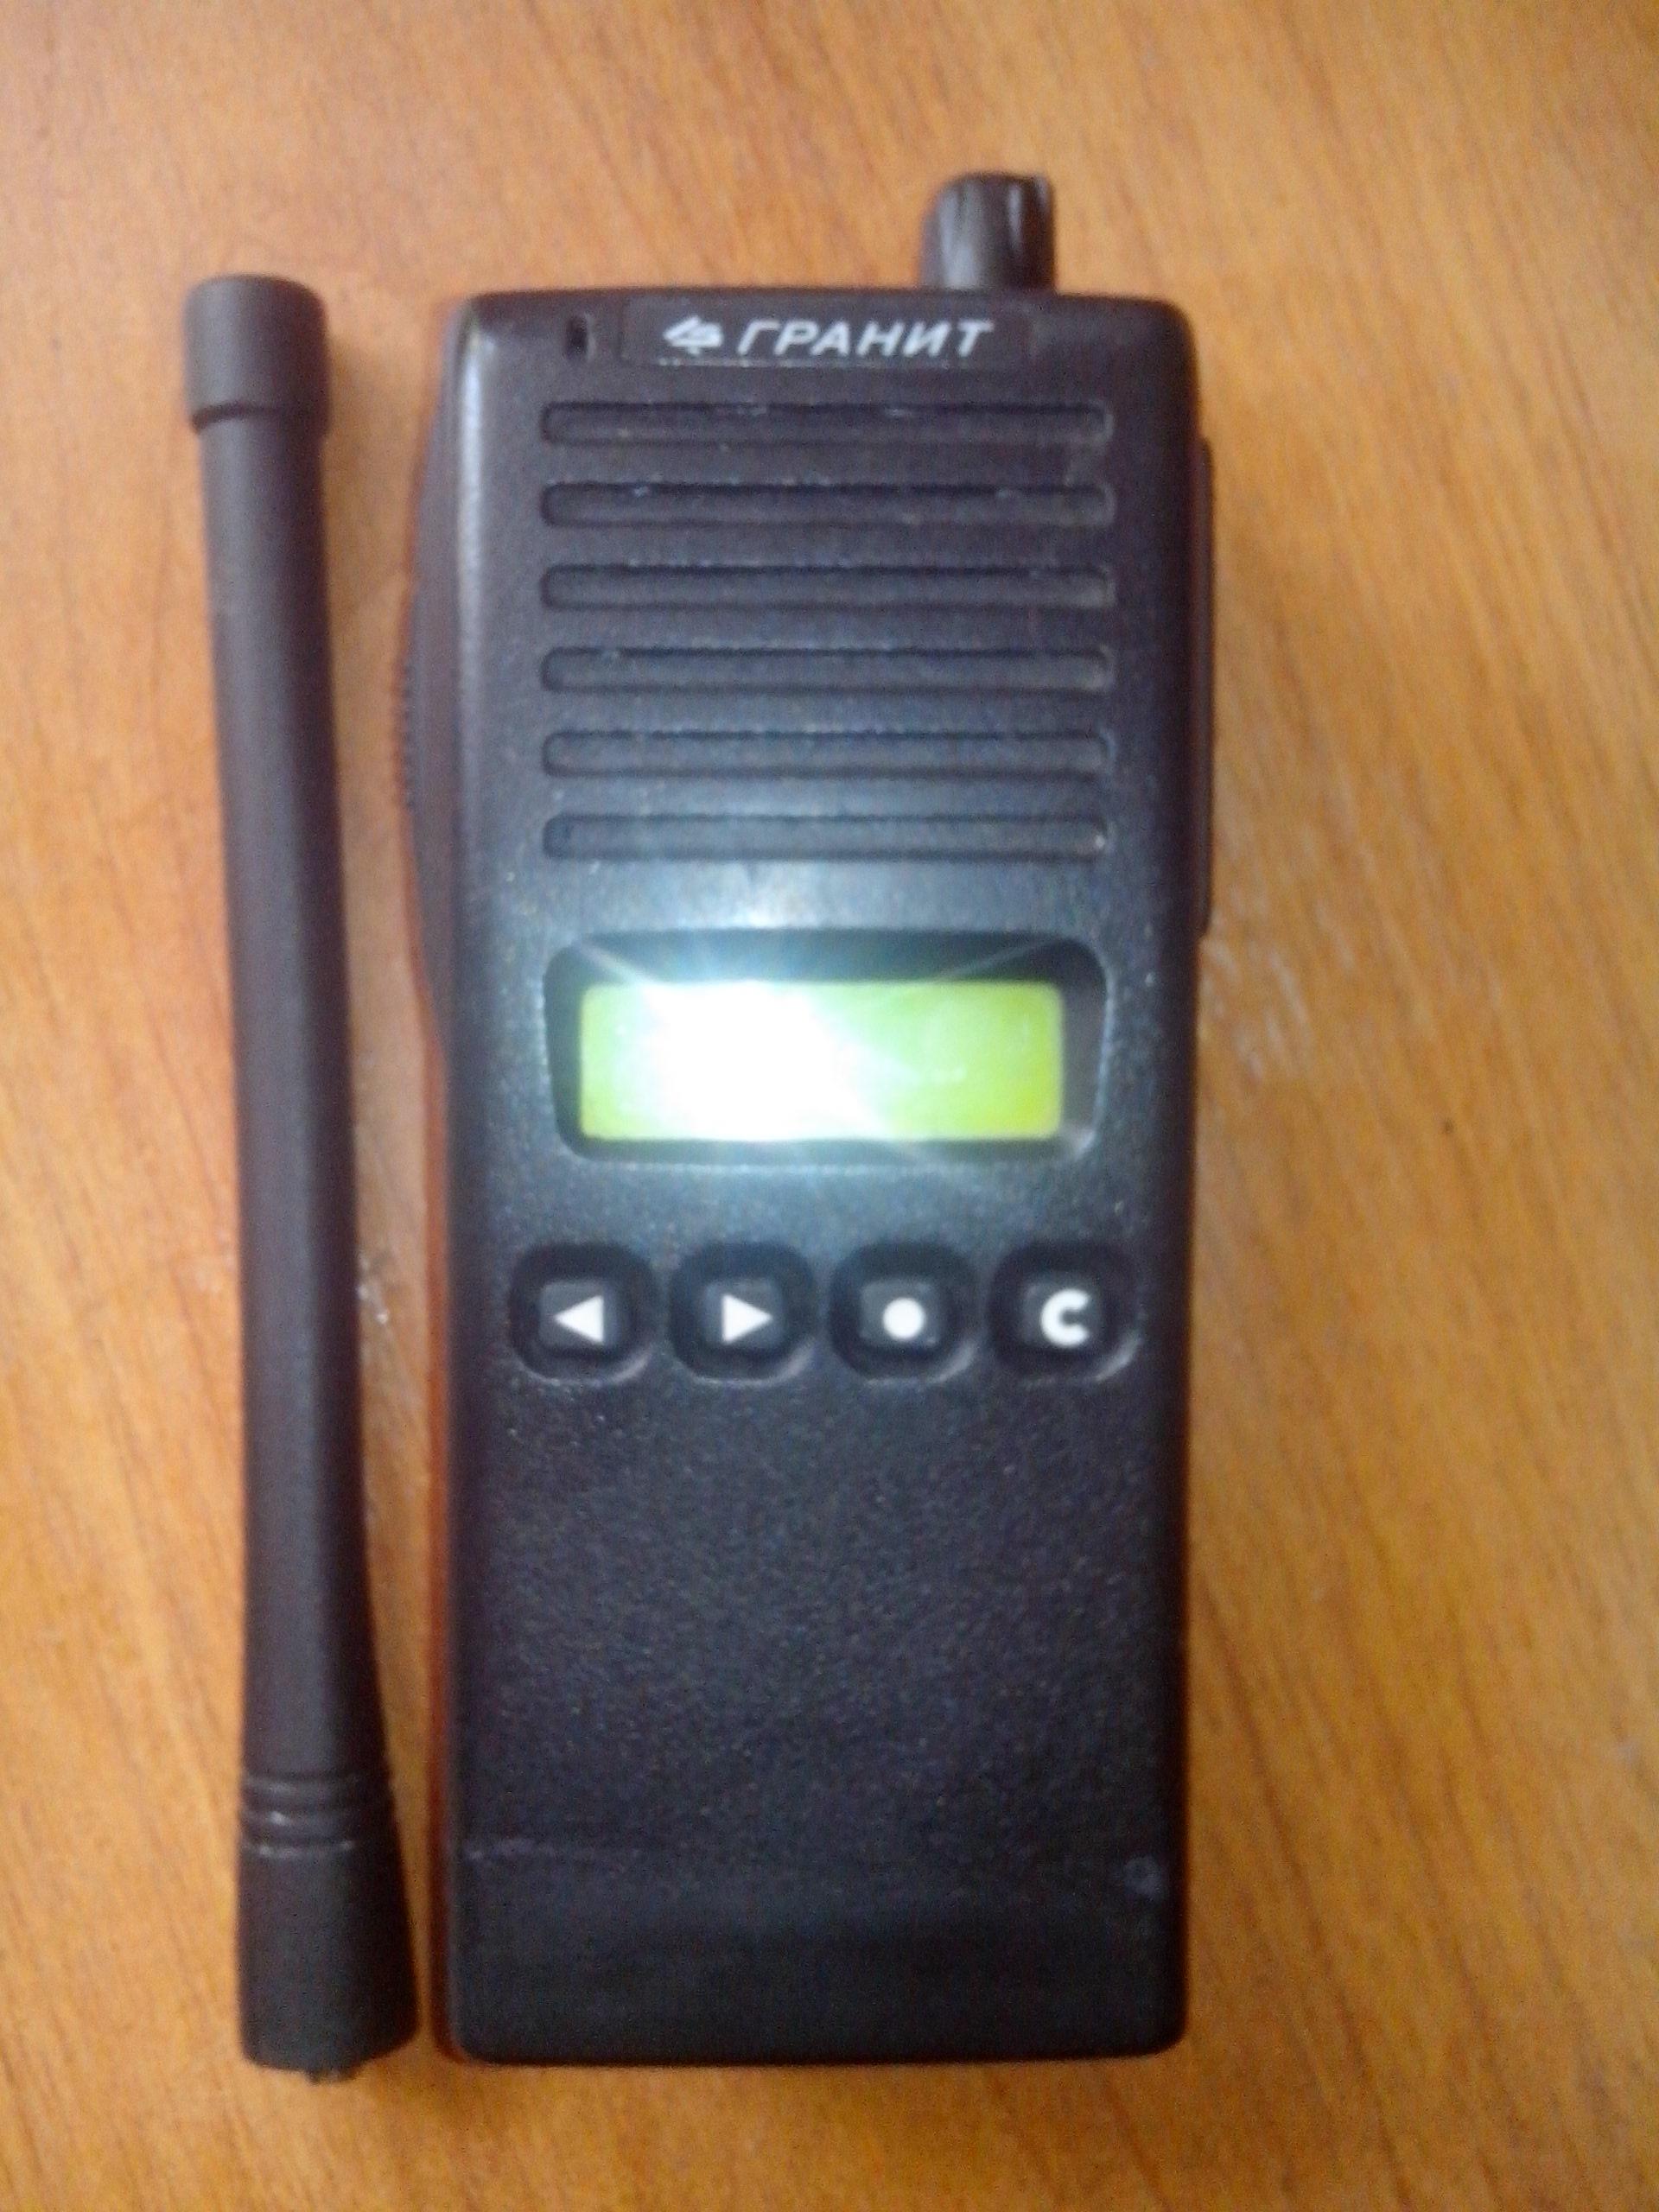 Инструкция Для Радиостанции Гранит Р-302